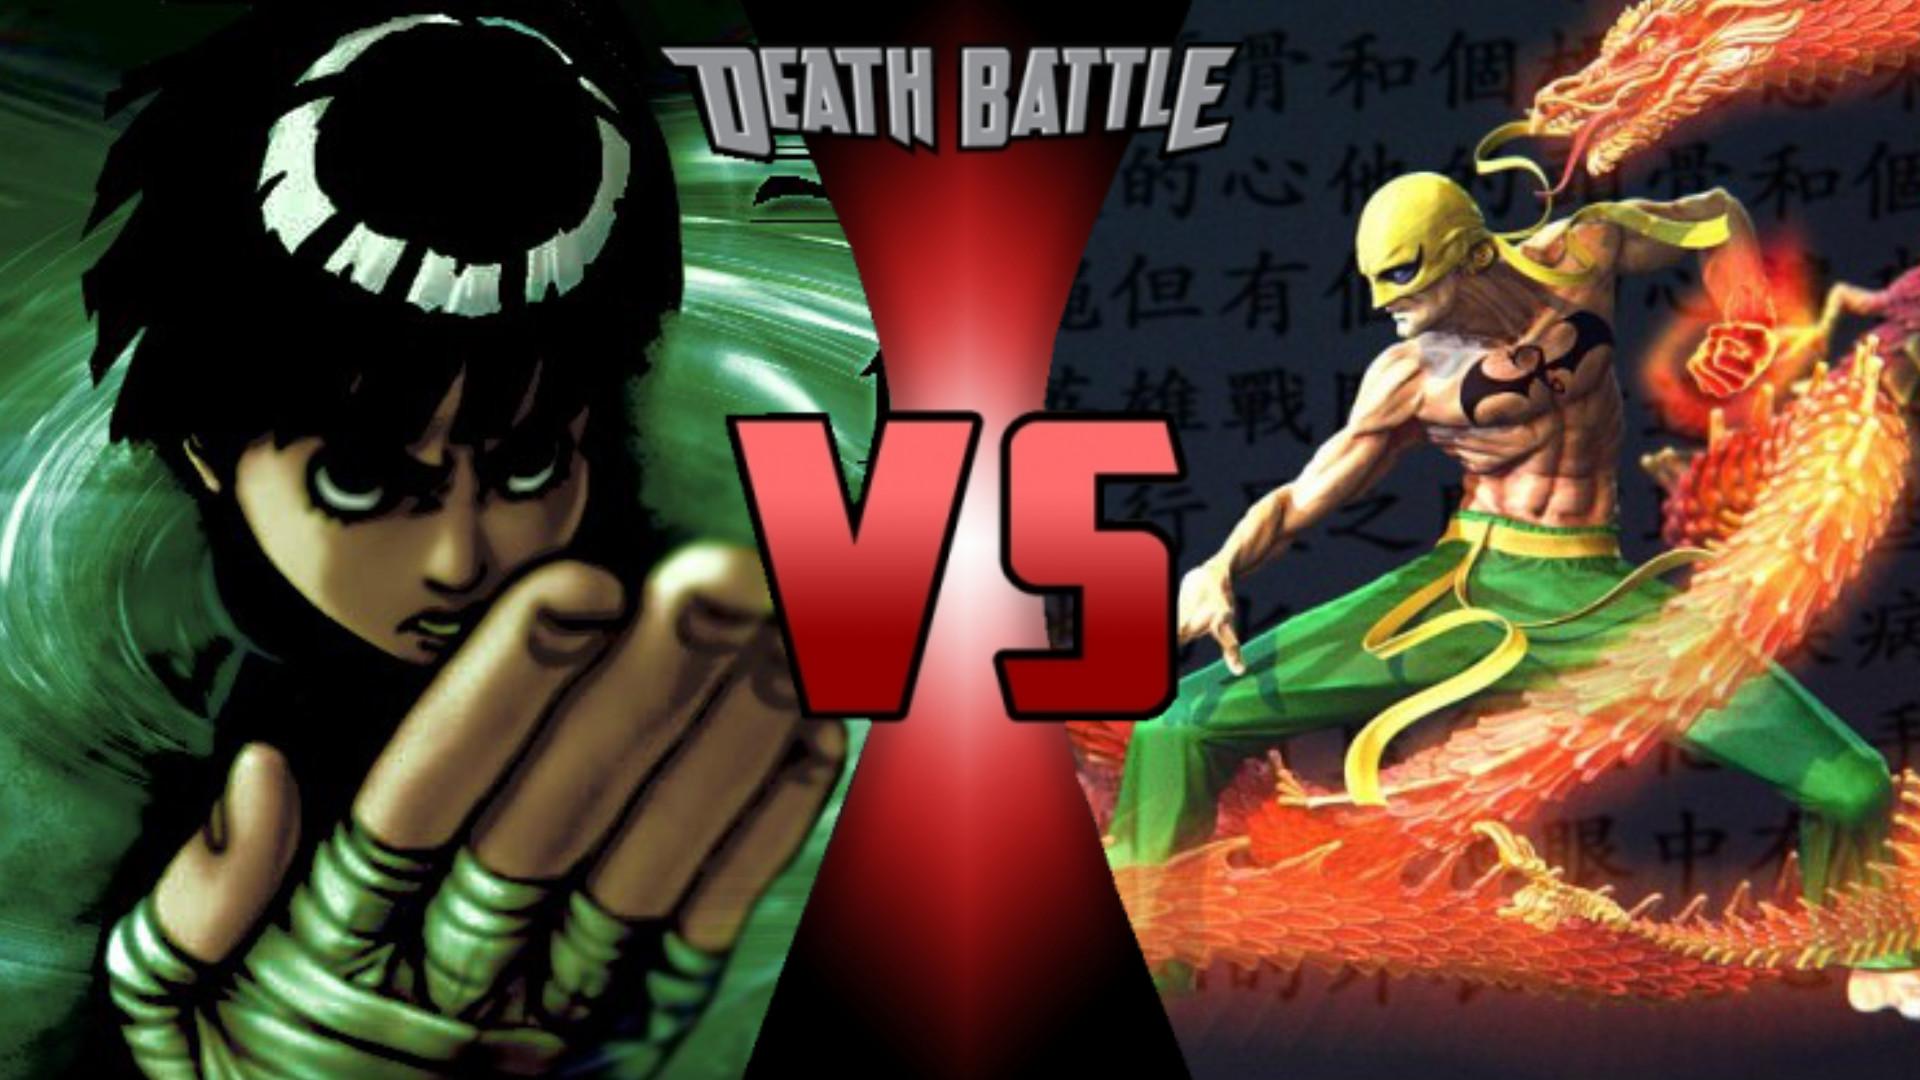 Iron Fist VS Rock Lee | Death Battle Fanon Wiki | FANDOM powered by Wikia